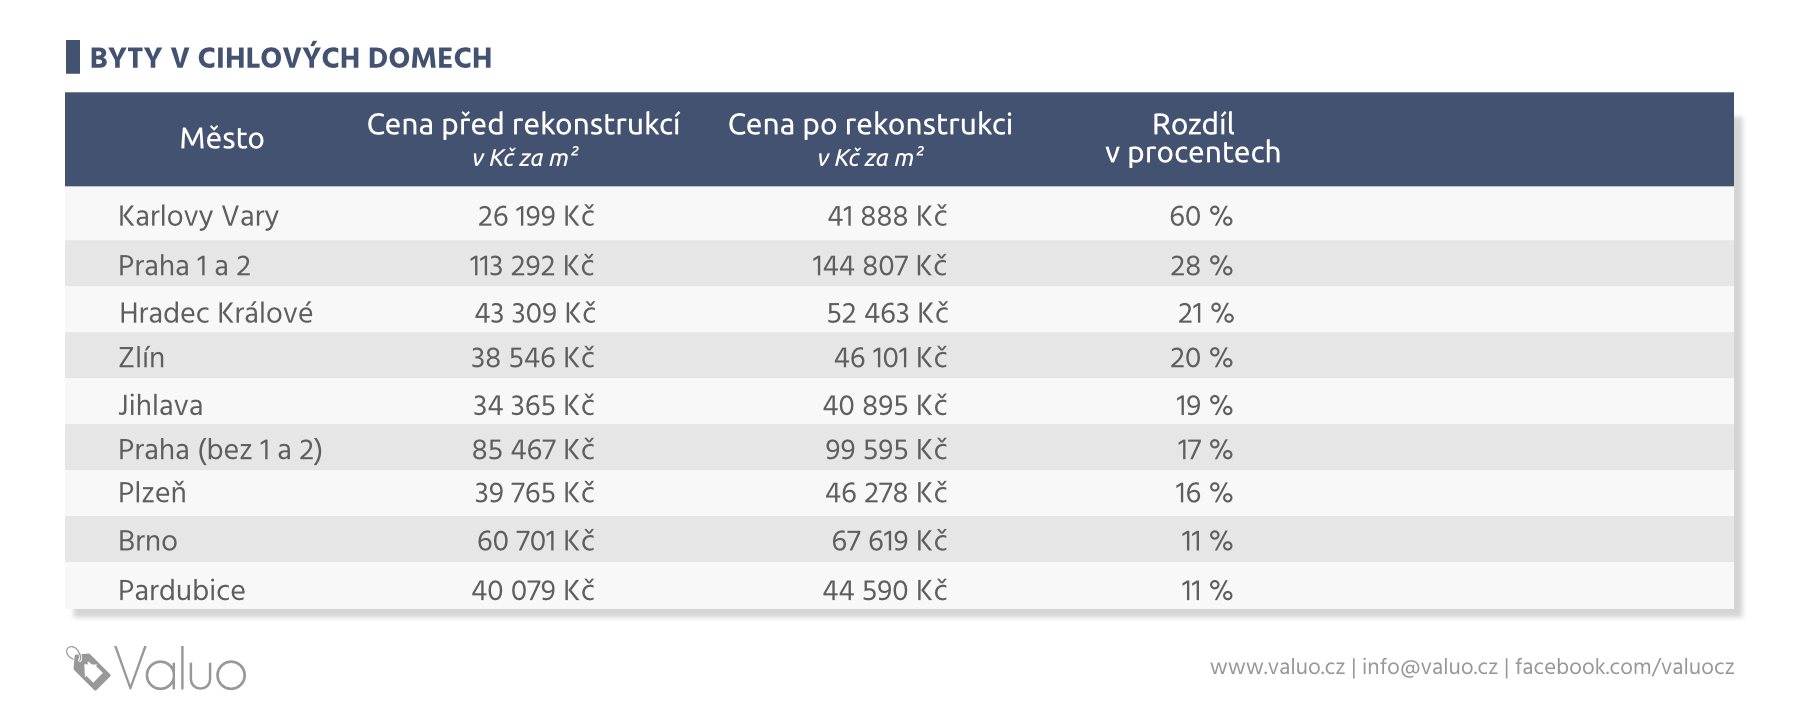 Jak ovlivní rekonstrukce cenu bytu v cihlovém domě - procenta